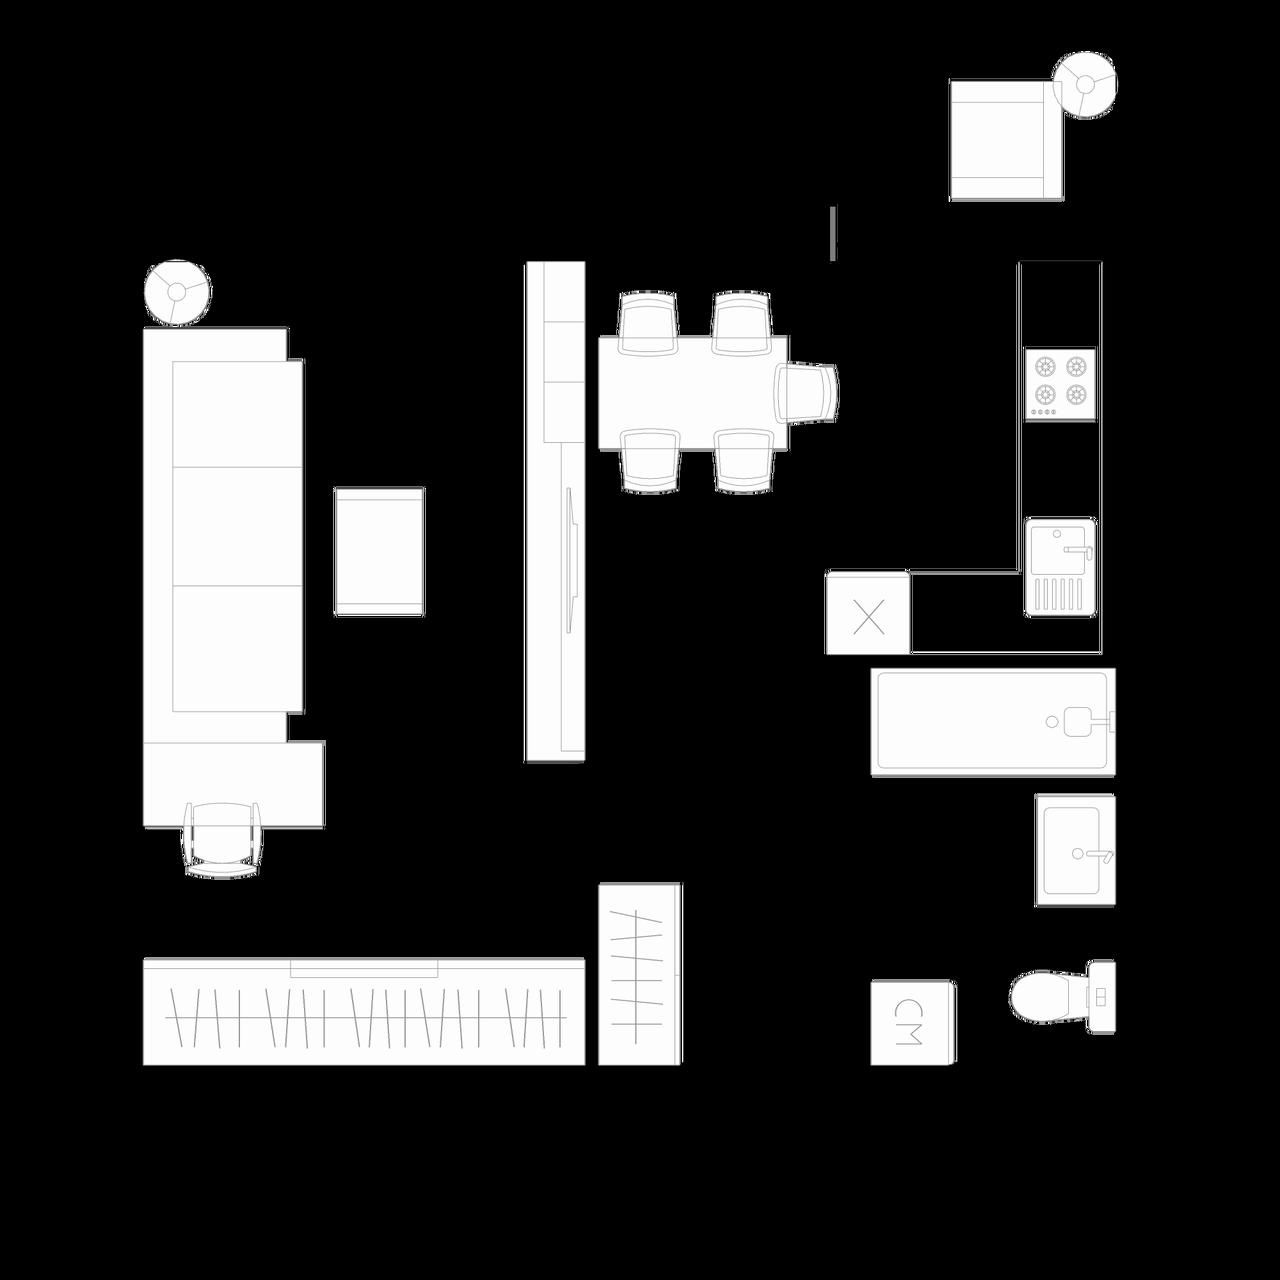 Квартира №44